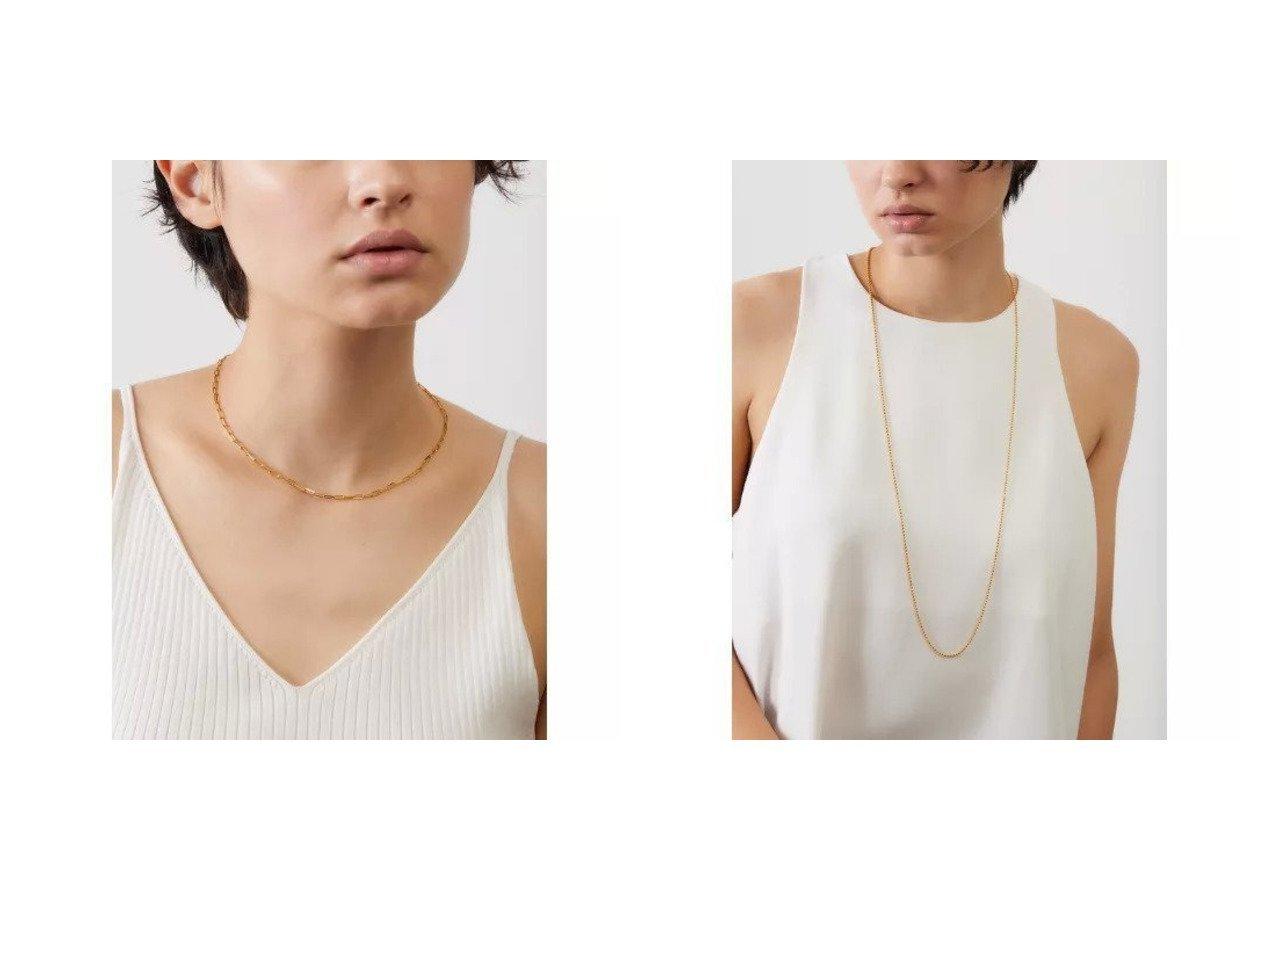 【MARIHA/マリハ】のSilent Rain ロングレクタングルチェーンネックレス_40cm&Silent Rain スモールボールチェーンネックレス_90cm おすすめ!人気、トレンド・レディースファッションの通販  おすすめで人気の流行・トレンド、ファッションの通販商品 インテリア・家具・メンズファッション・キッズファッション・レディースファッション・服の通販 founy(ファニー) https://founy.com/ ファッション Fashion レディースファッション WOMEN ジュエリー Jewelry ネックレス Necklaces アクセサリー クール コレクション シルバー ジュエリー チェーン ネックレス バランス フェミニン モチーフ  ID:crp329100000062222